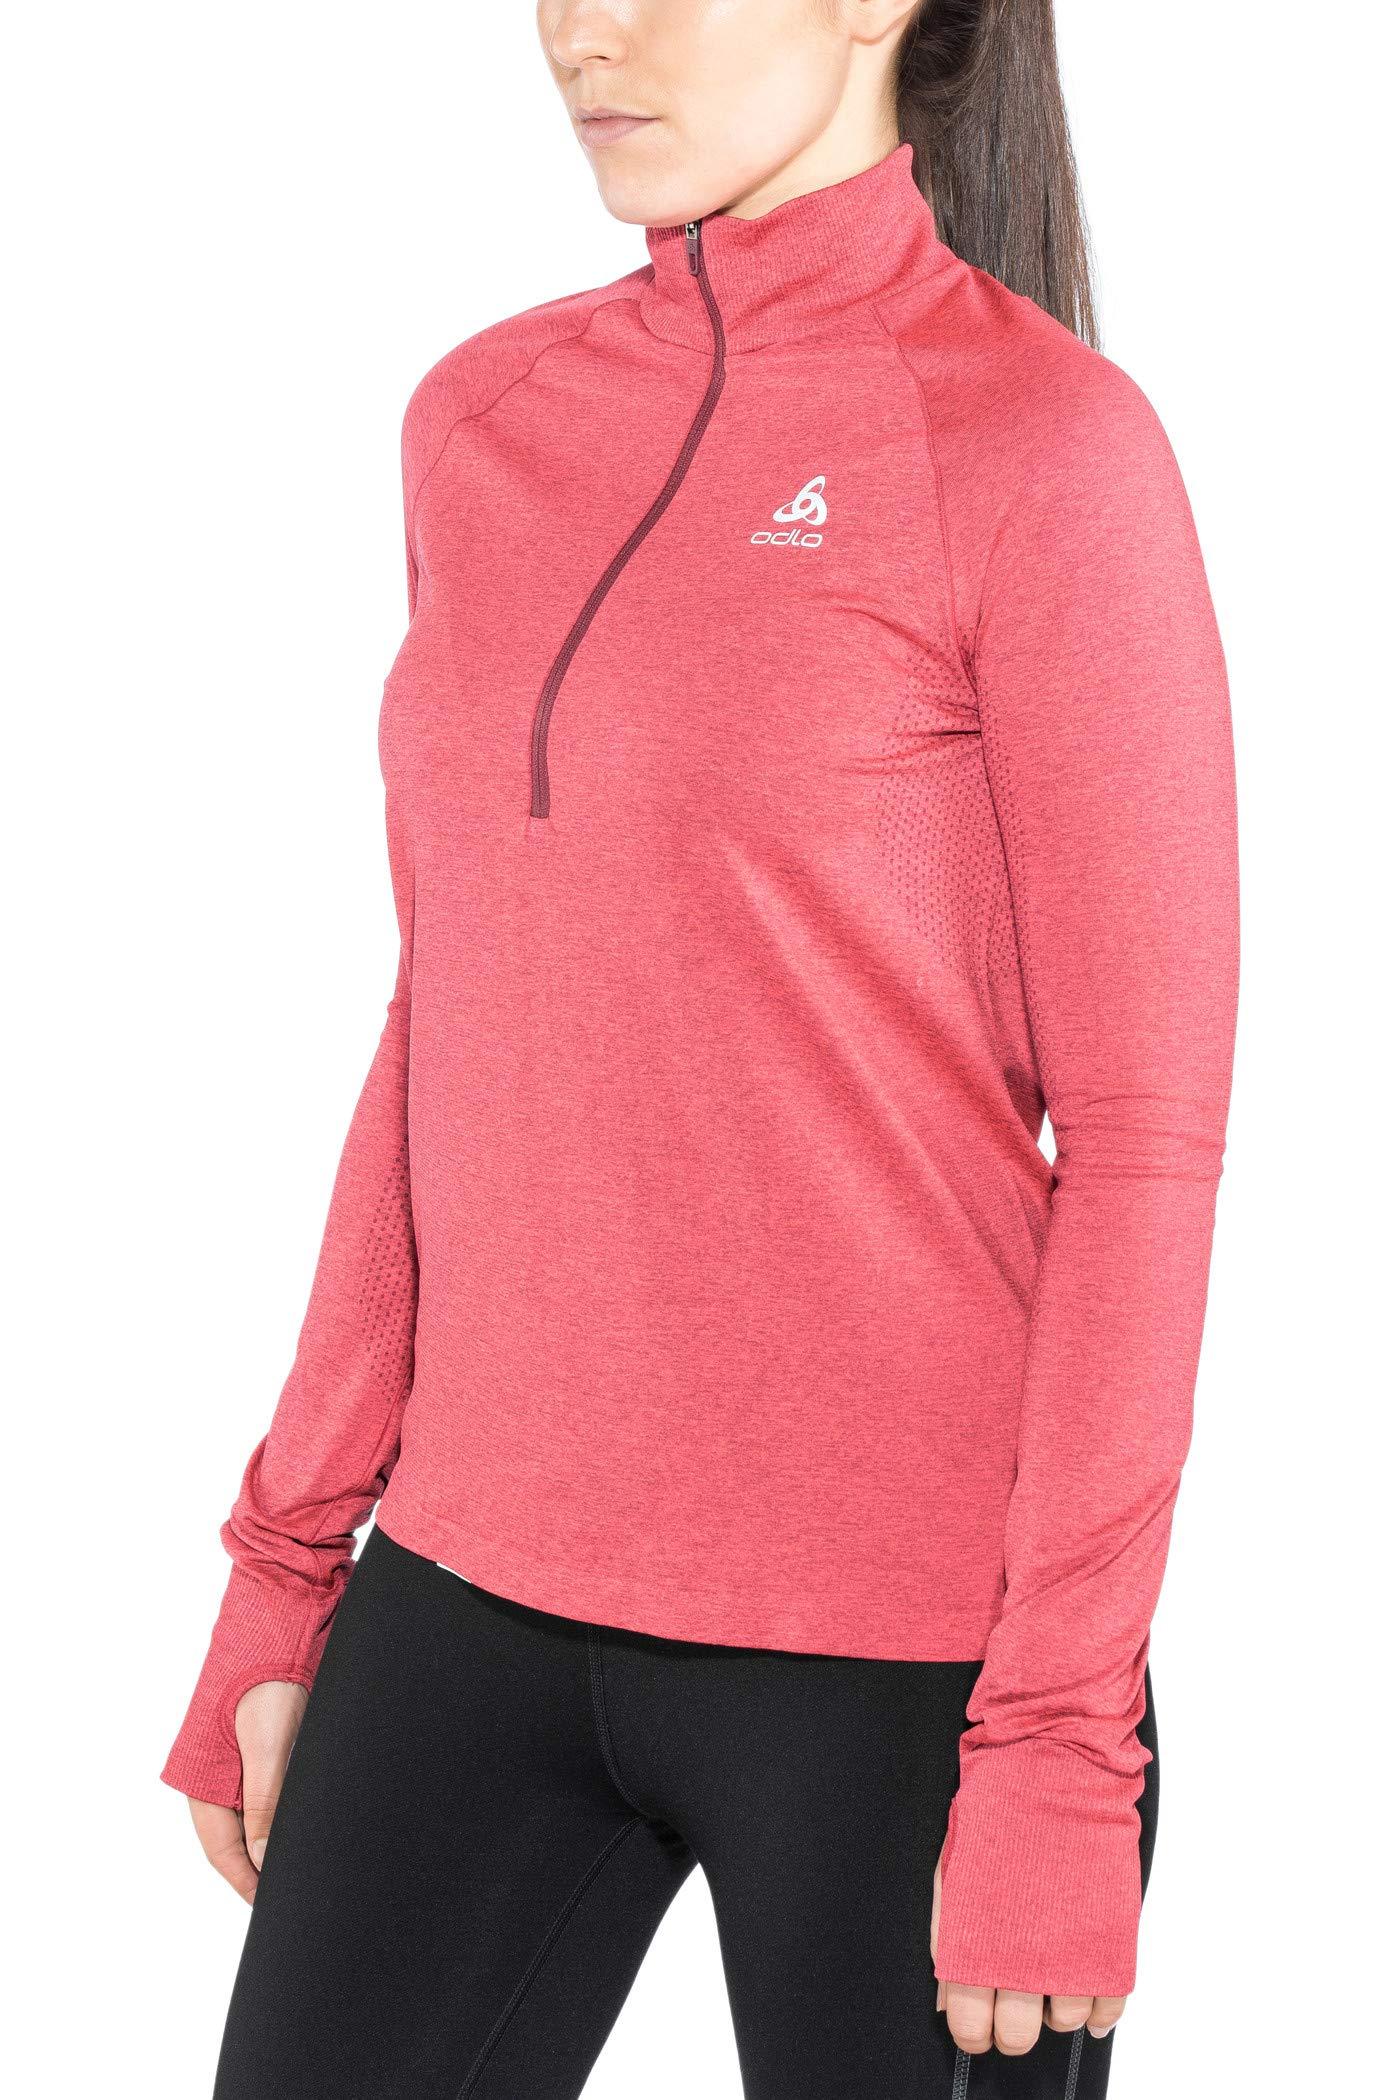 Odlo Damen Midlayer 1/2 Zip Irbis Warm Pullover, Rumba red/Hibiscus, L